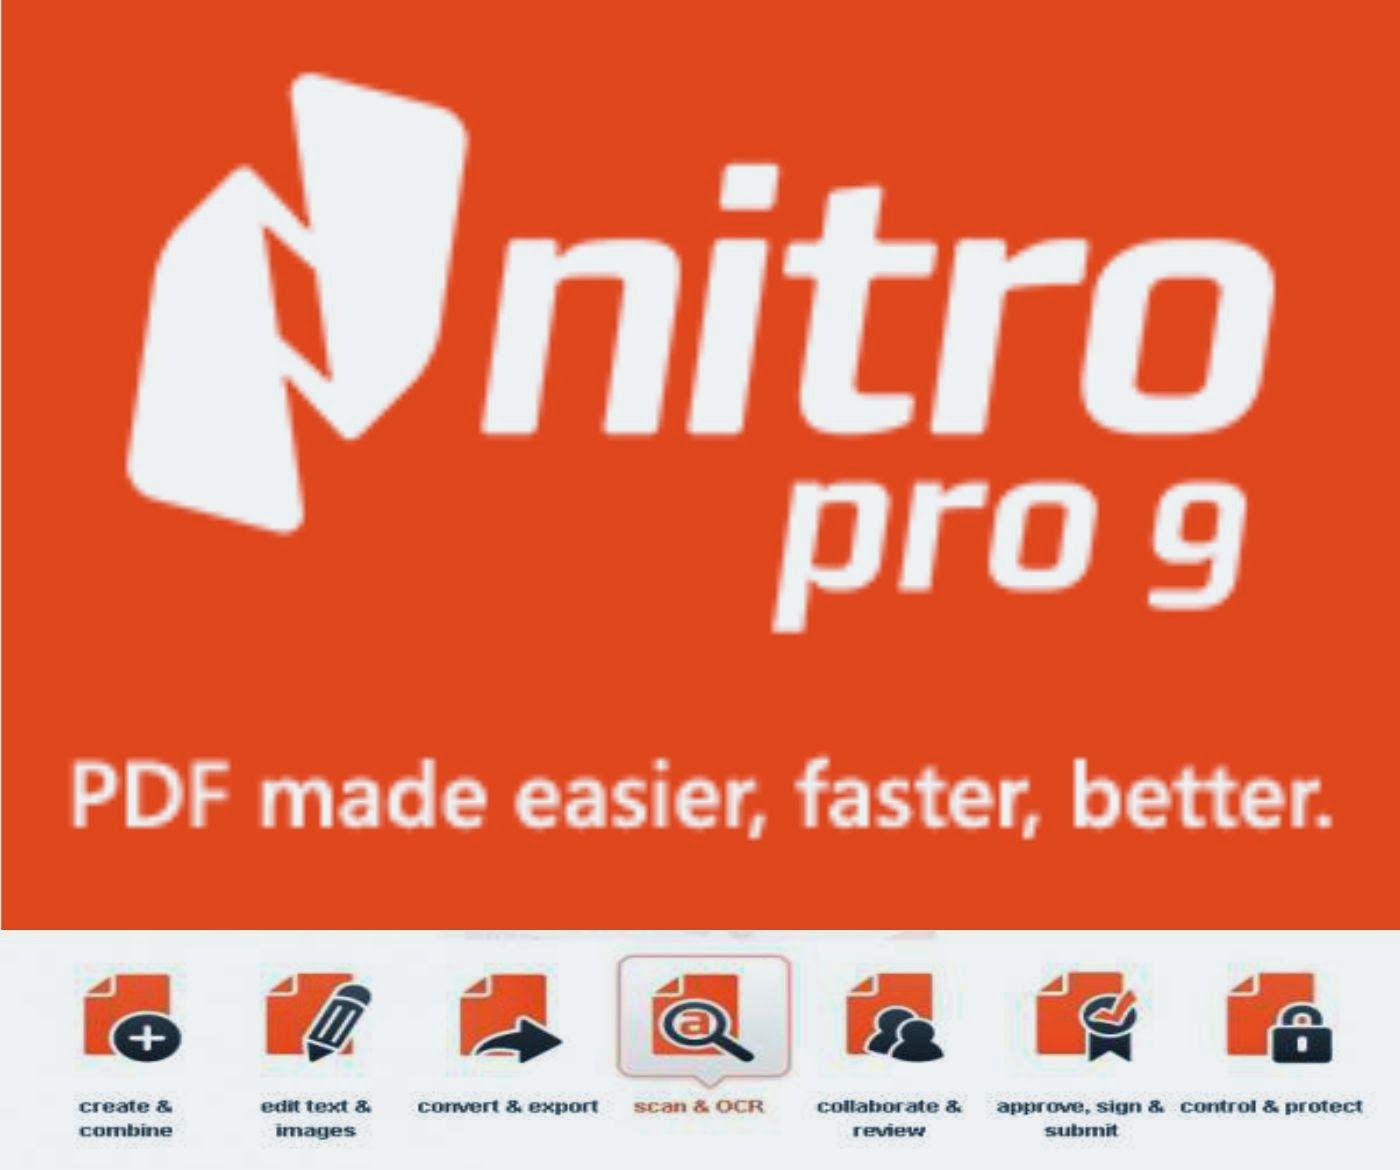 nitro pro 9 download free